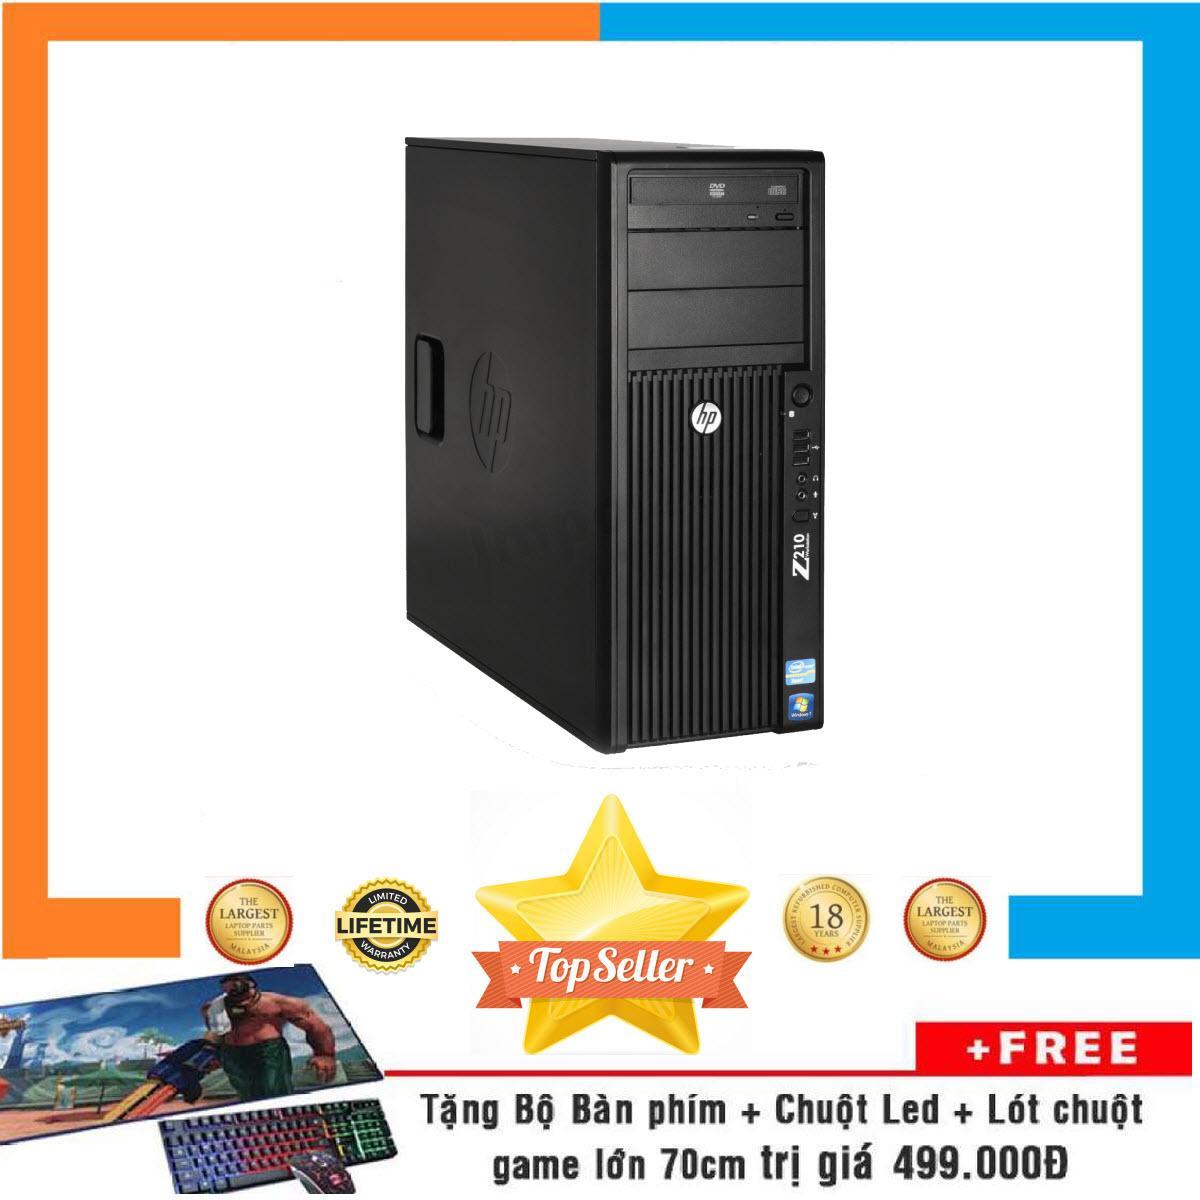 Máy Trạm HP WORKSTATION Z210 MT Nguyên Bản, Chạy CPU Core I5 2400, Ram ECC 8GB, SSD 120GB, HDD 2TB + Bộ Quà Tặng